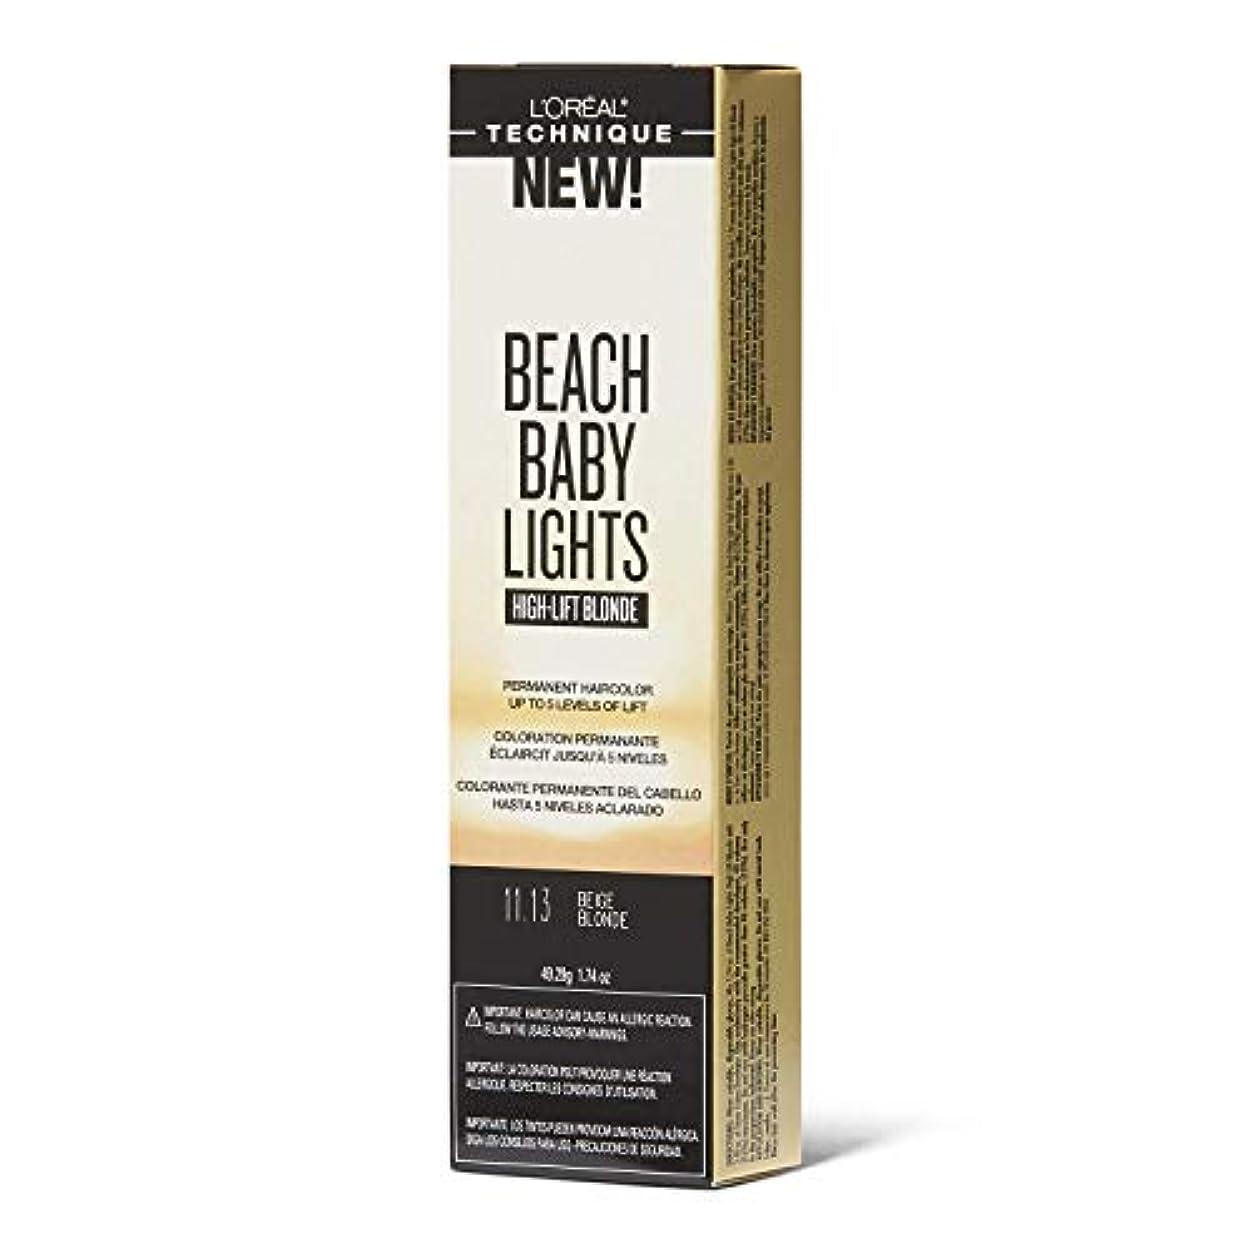 インド頭痛支配的L'Oreal Paris L'Orealのビーチ赤ちゃんライトハイリフトベージュブロンド11.13ベージュブロンド